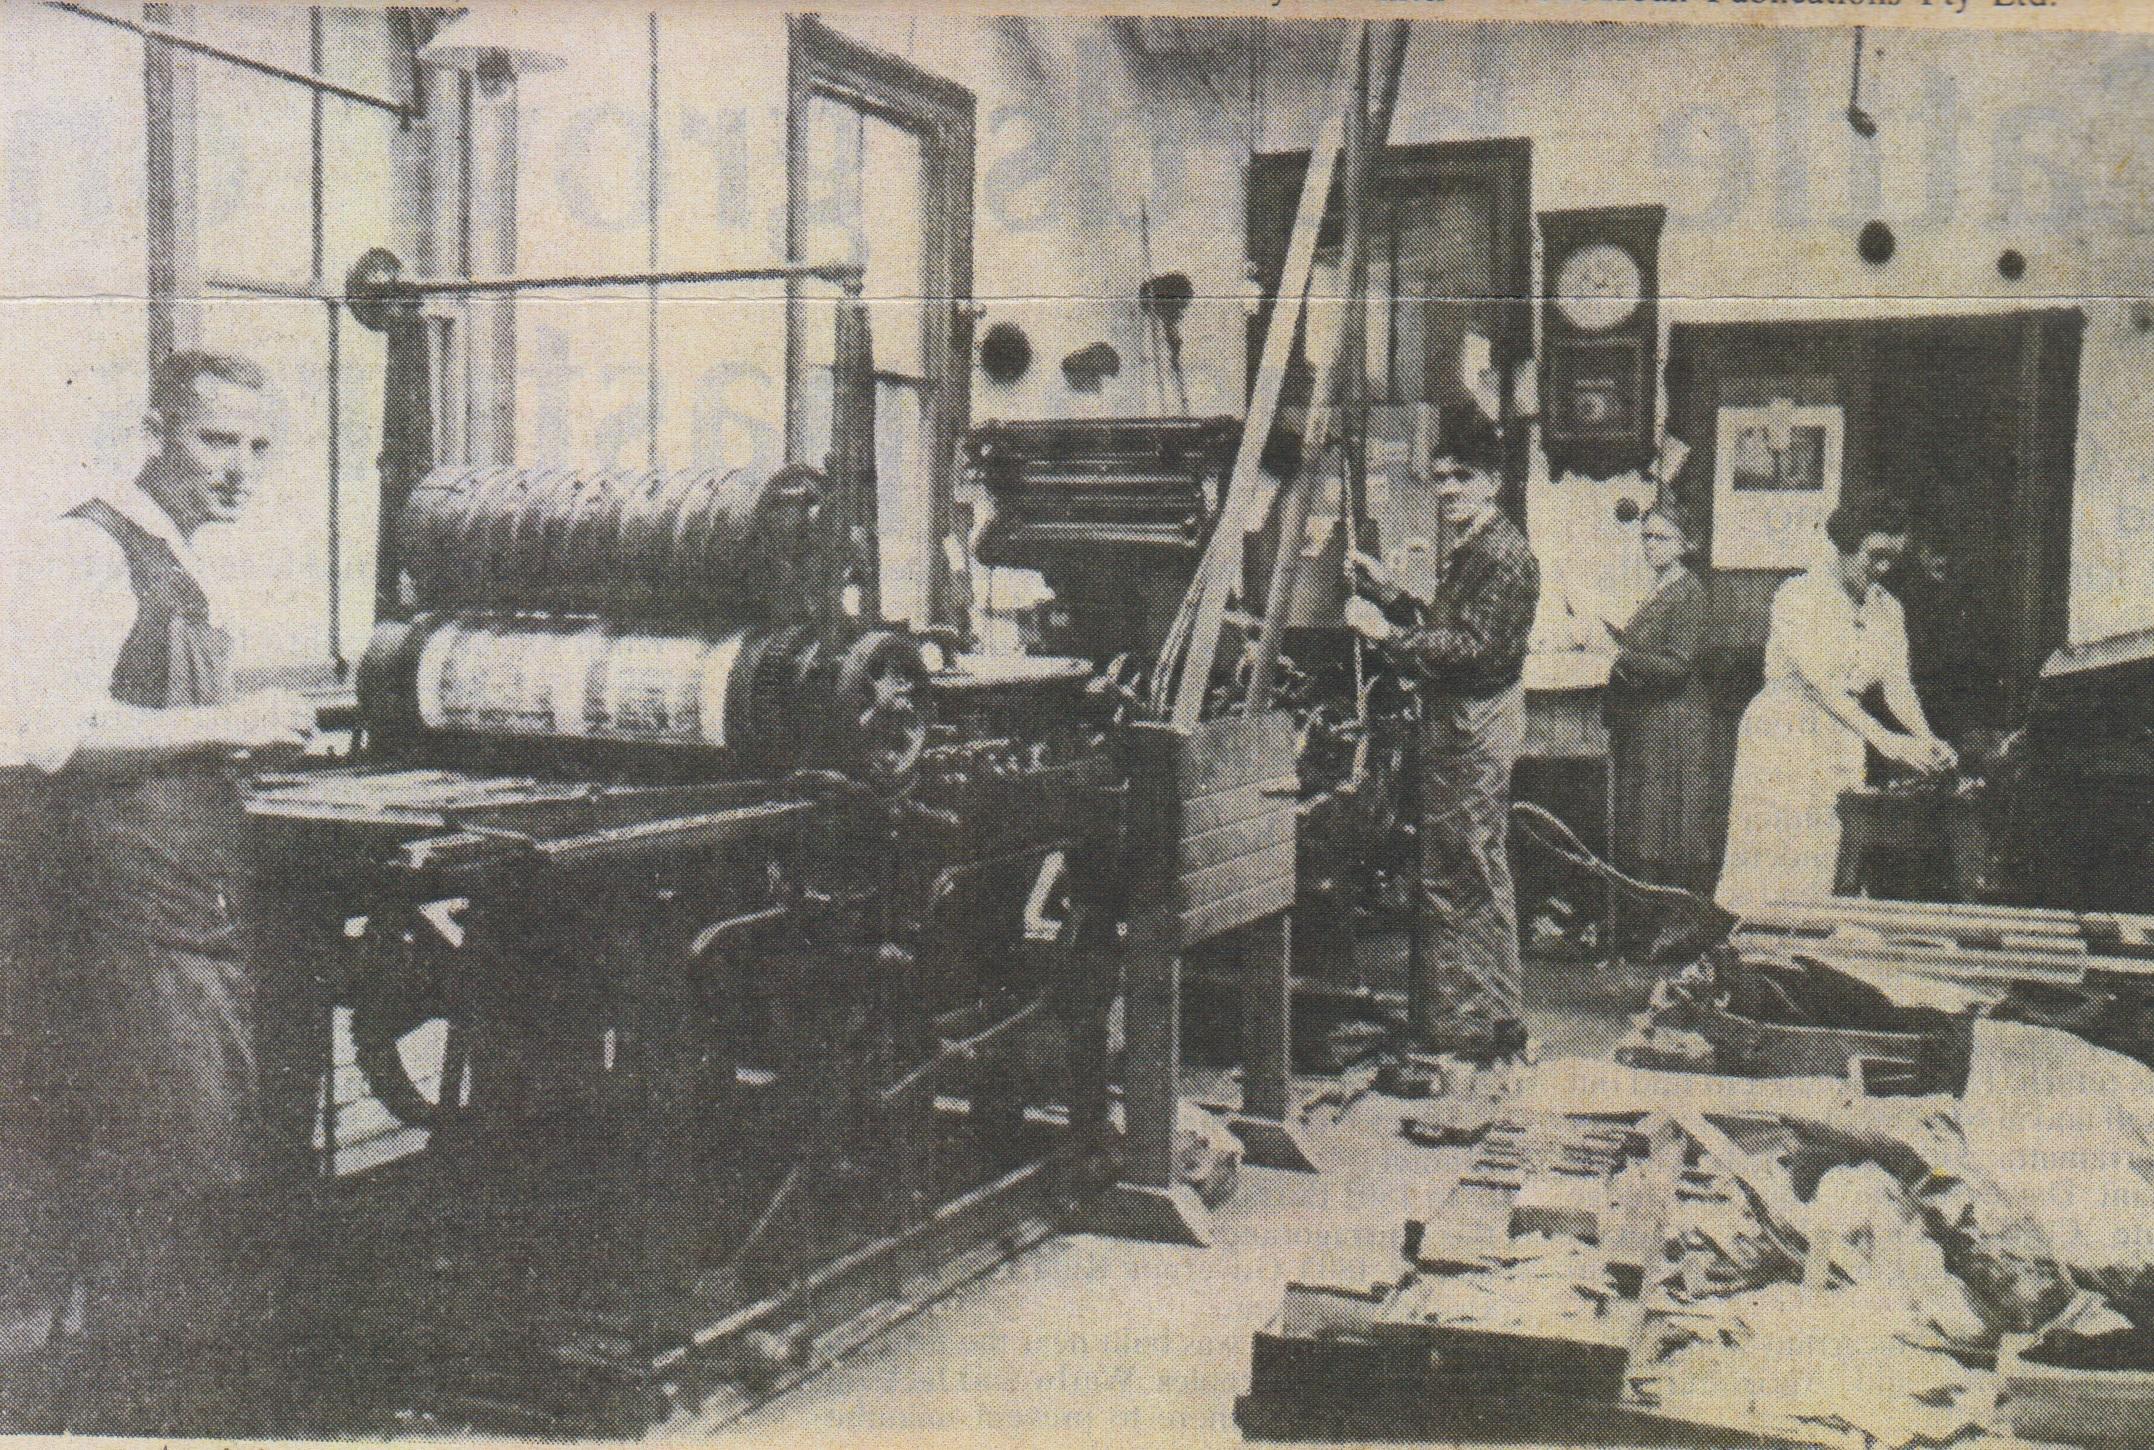 Camden News Linotype printing machine 1930 CN